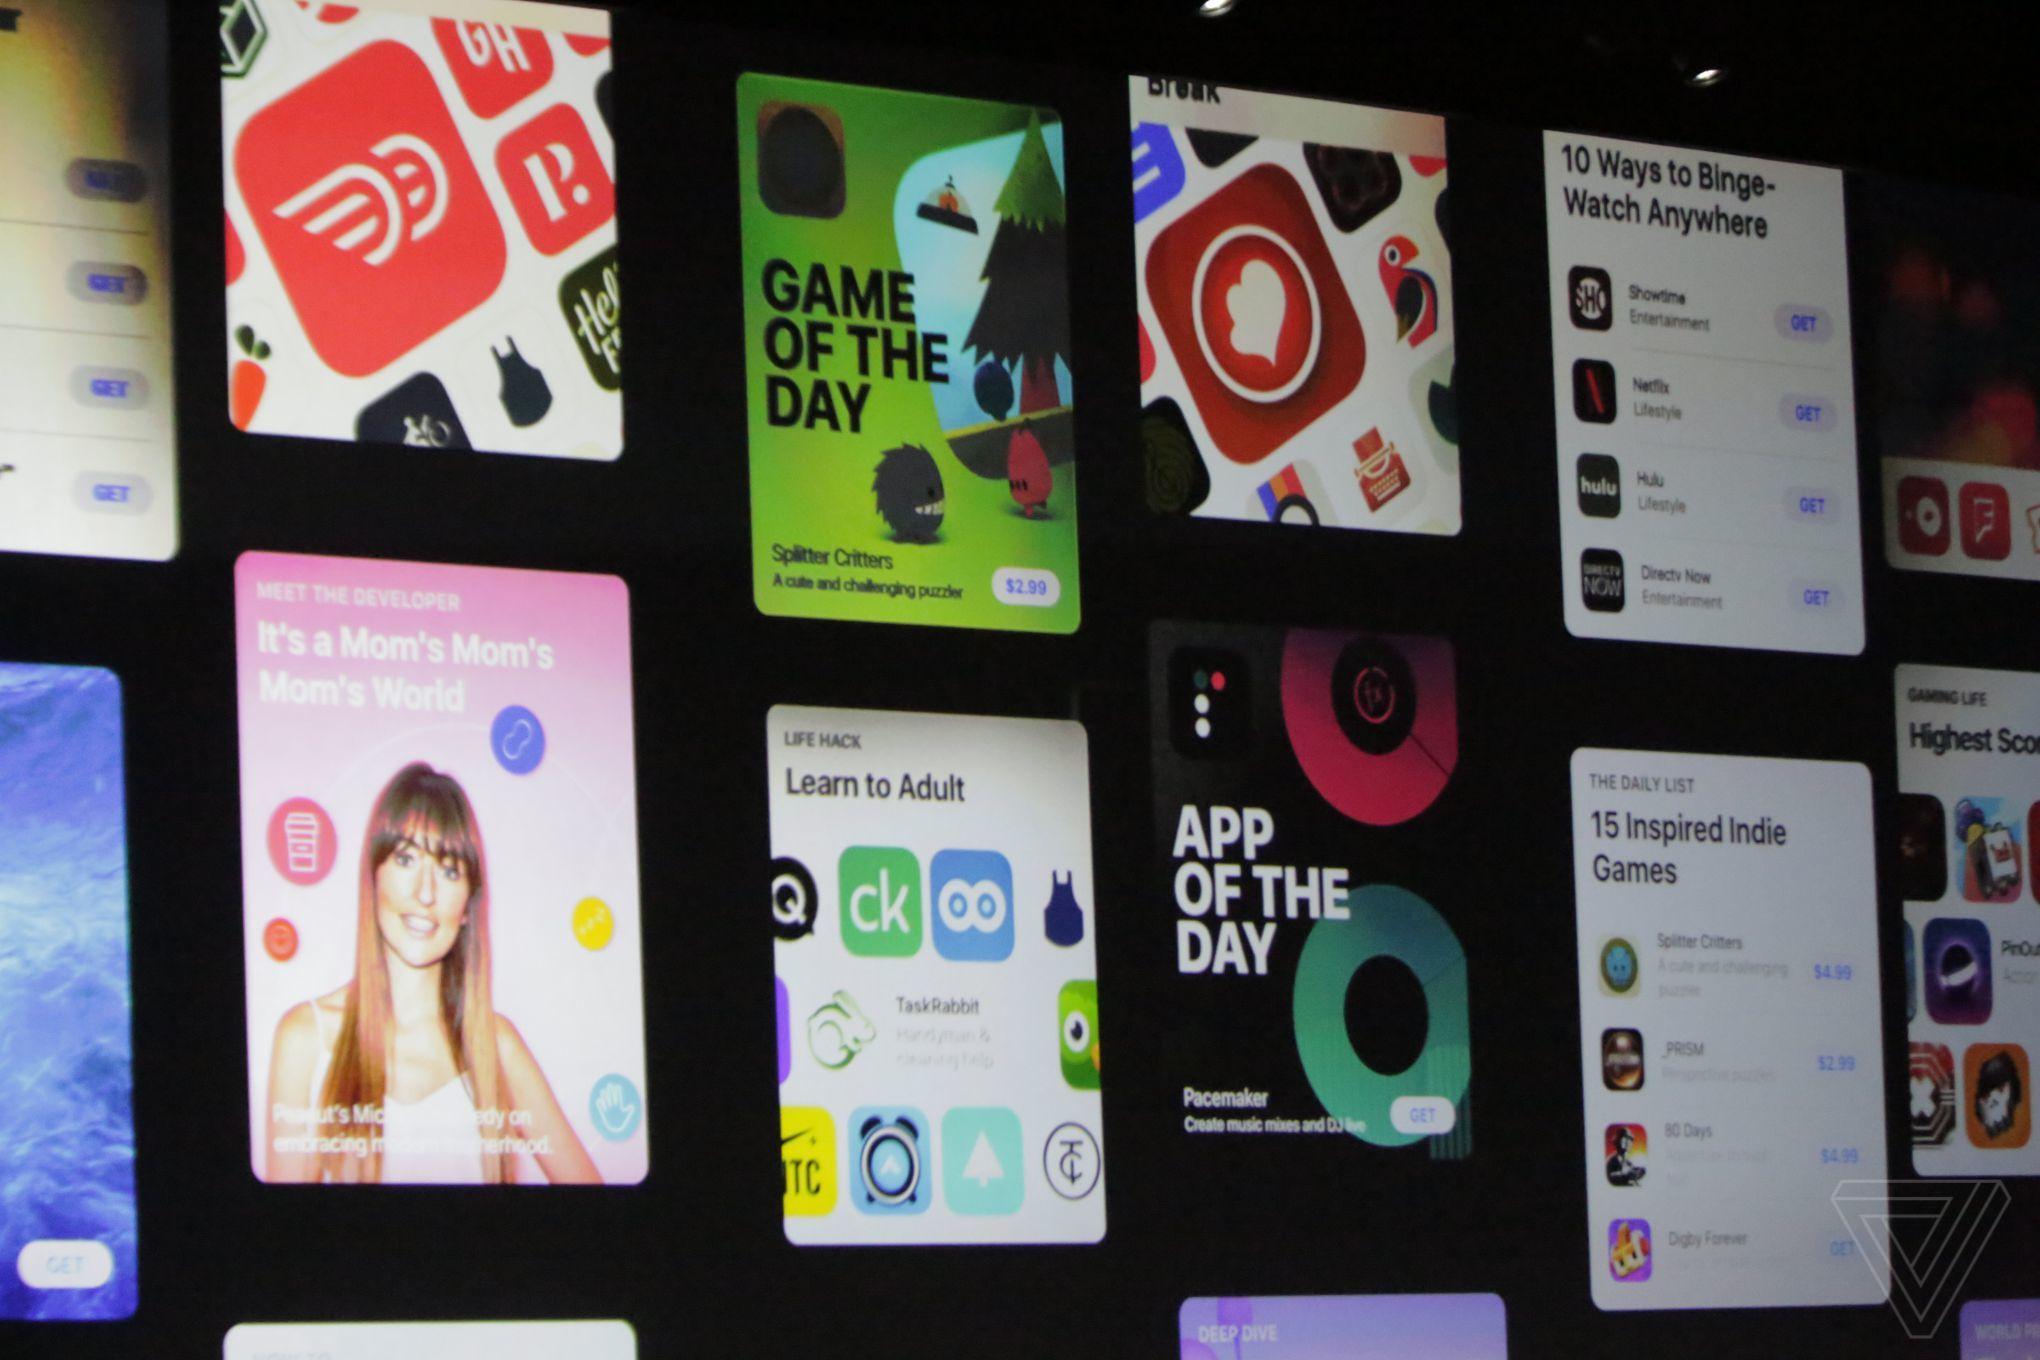 iOS 11 App Store design